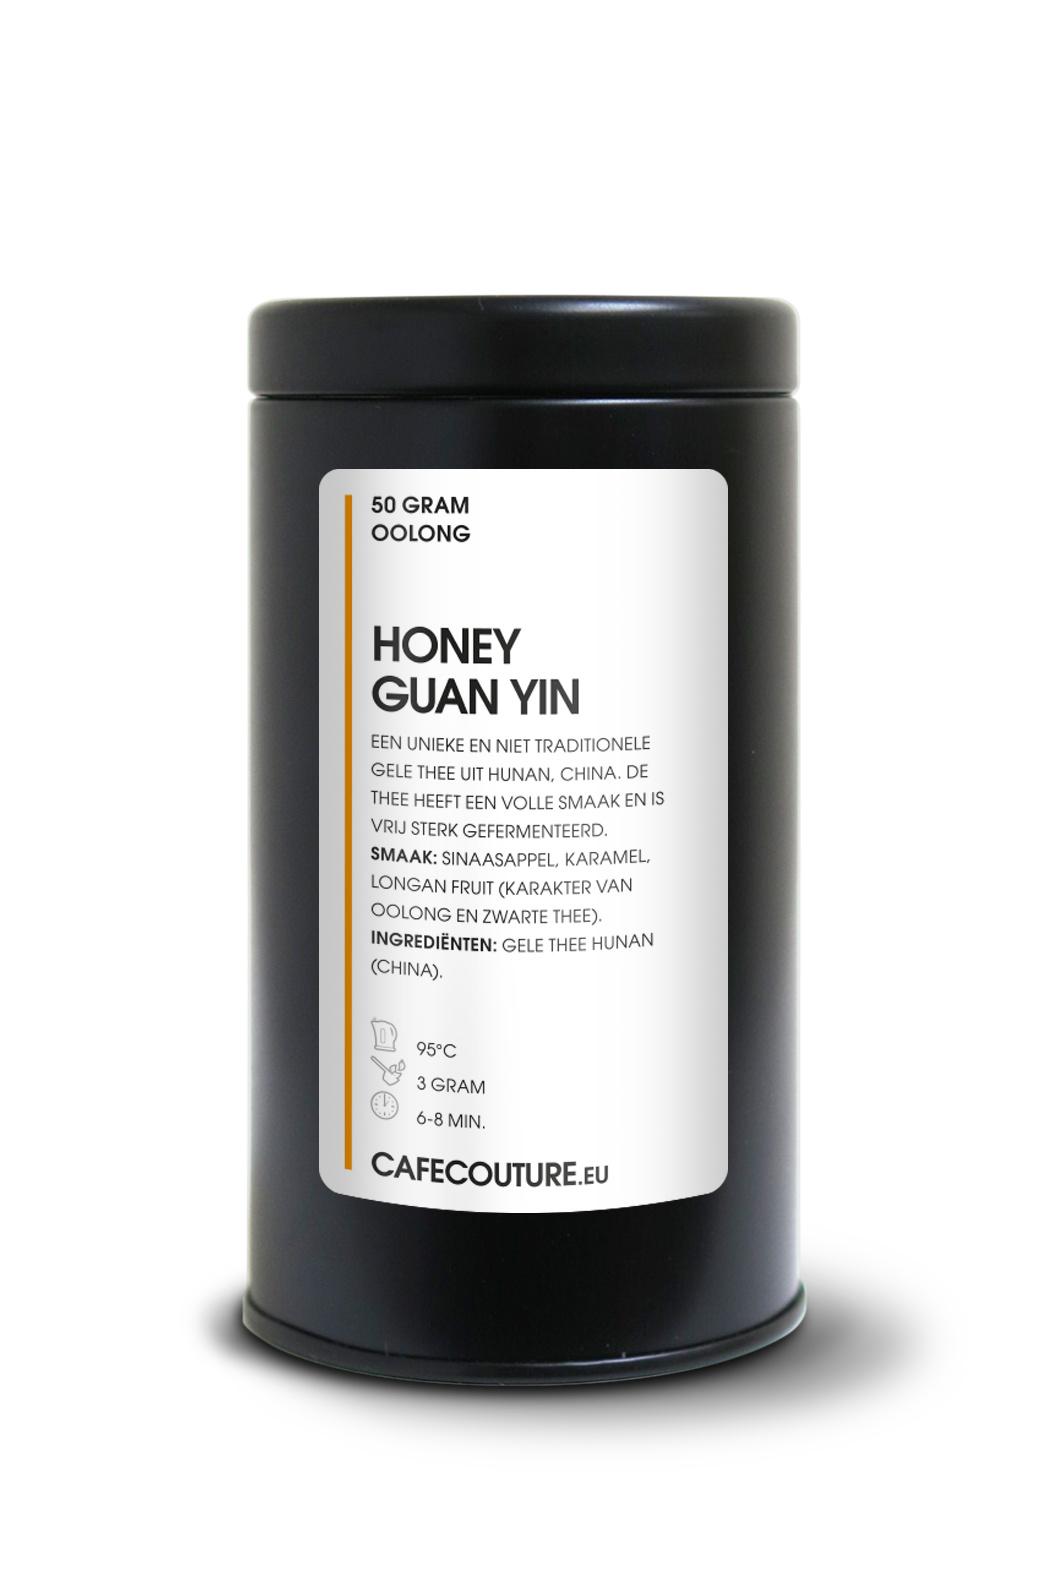 Honey Guan Yin